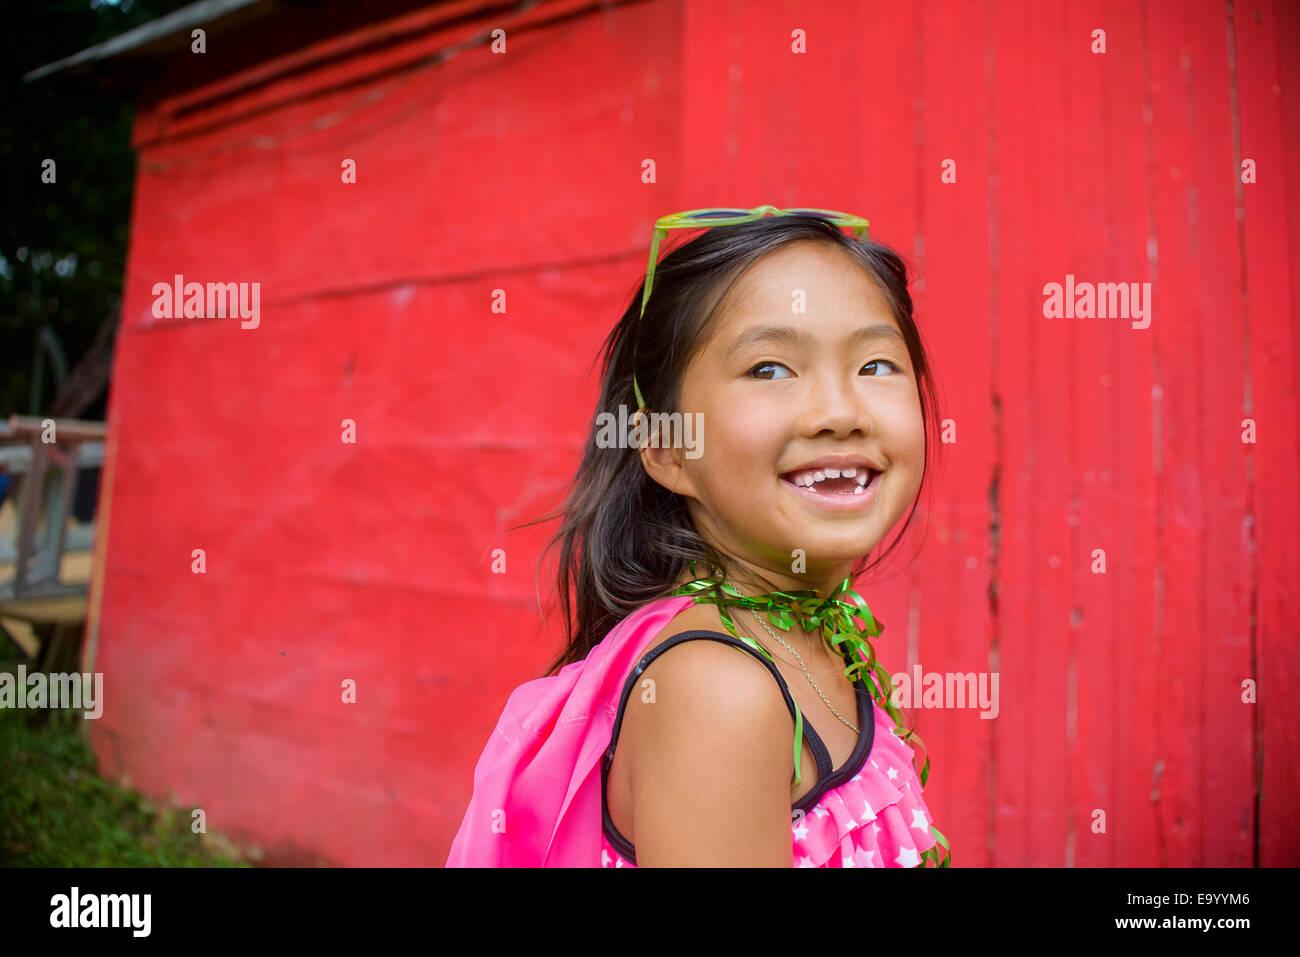 Ritratto di giovane ragazza asiatica, guardando lontano Immagini Stock